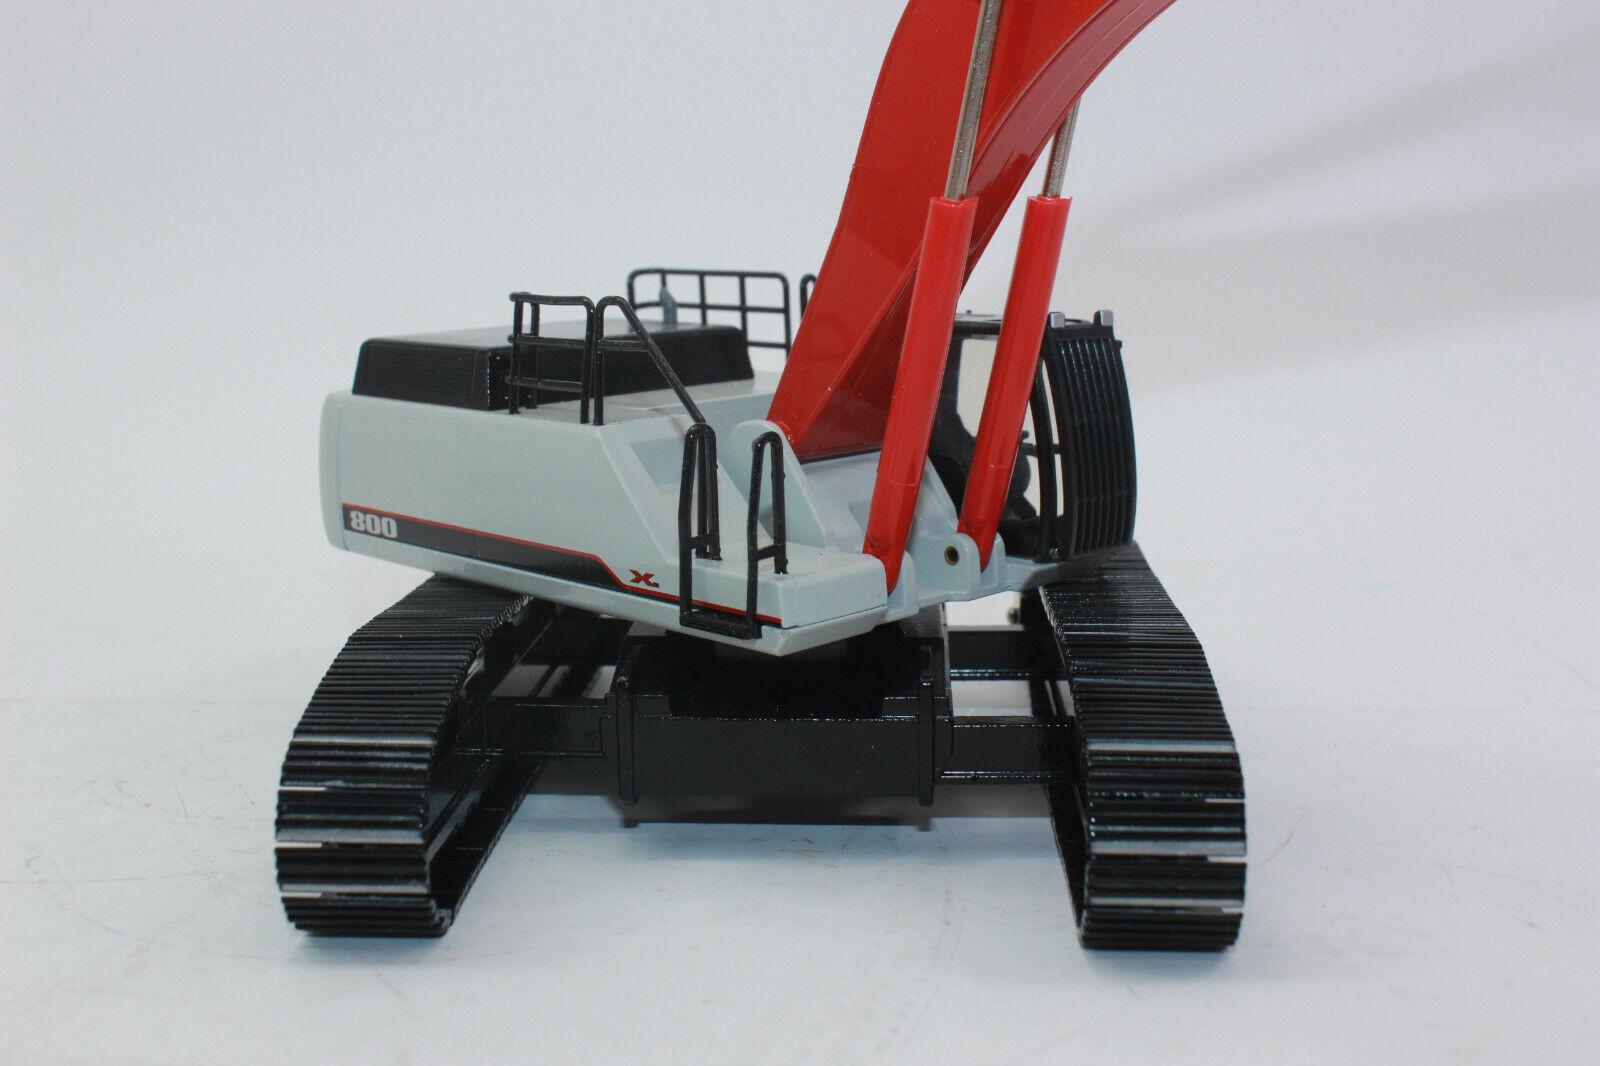 Conrad 2939 Link Belt 800 x2 Chaînes Excavateurs avec Télescope Sous Voiture 1 50 neuf + neuf dans sa boîte